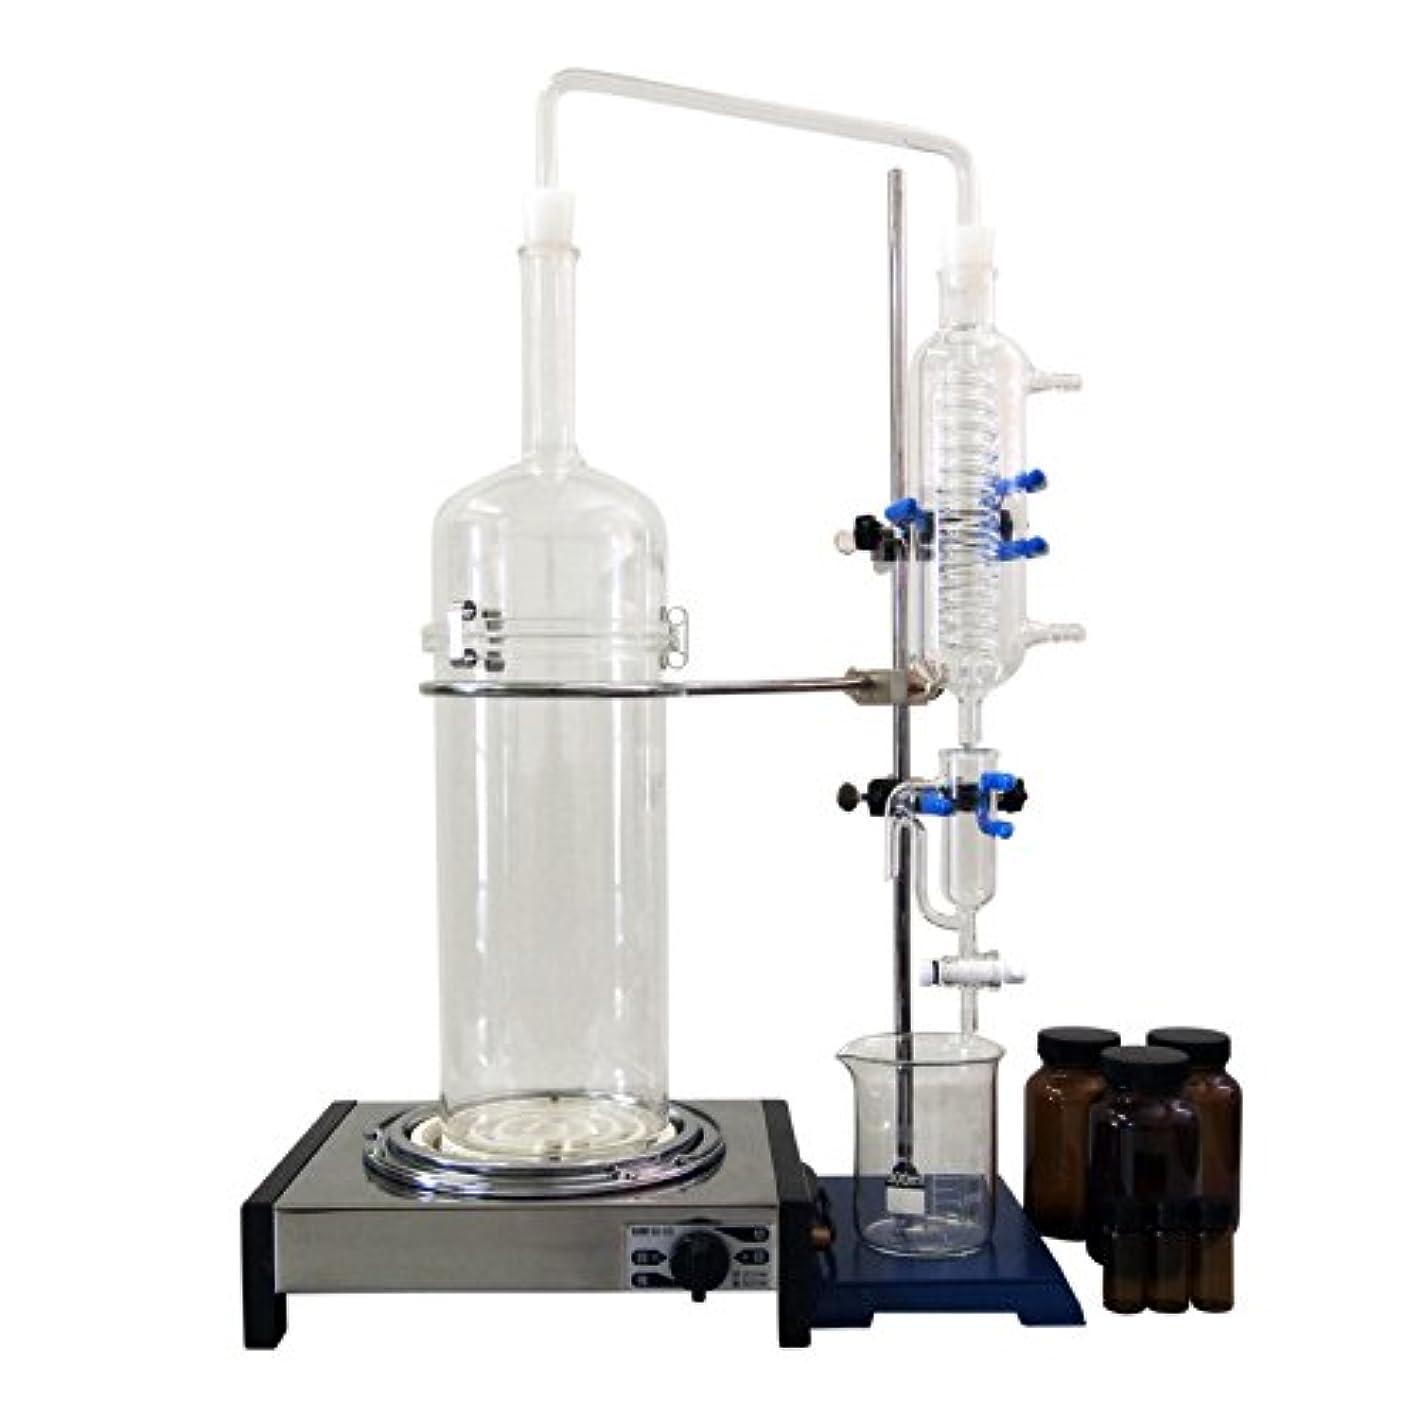 ブルステレオタイプフィクションハーブ蒸留器/ピュアスティーラーライト/K-HJ200(OilSP) 簡易水循環装置セット